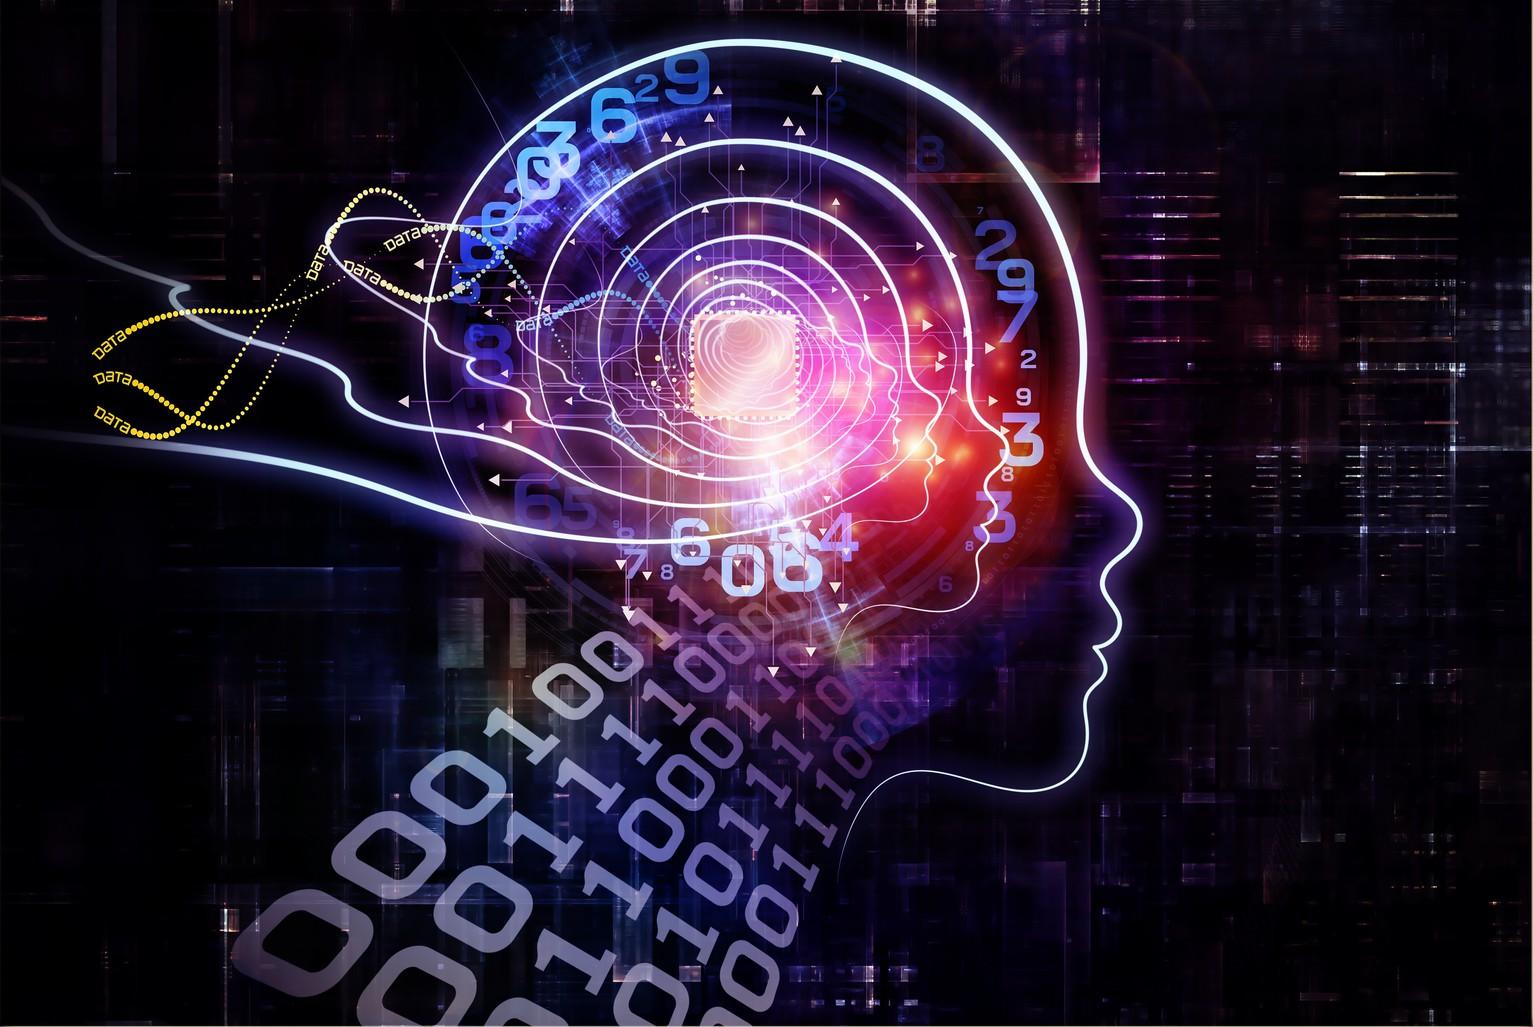 Magyar startupok is jelentkezhetnek a nemzetközi AI-versenyre